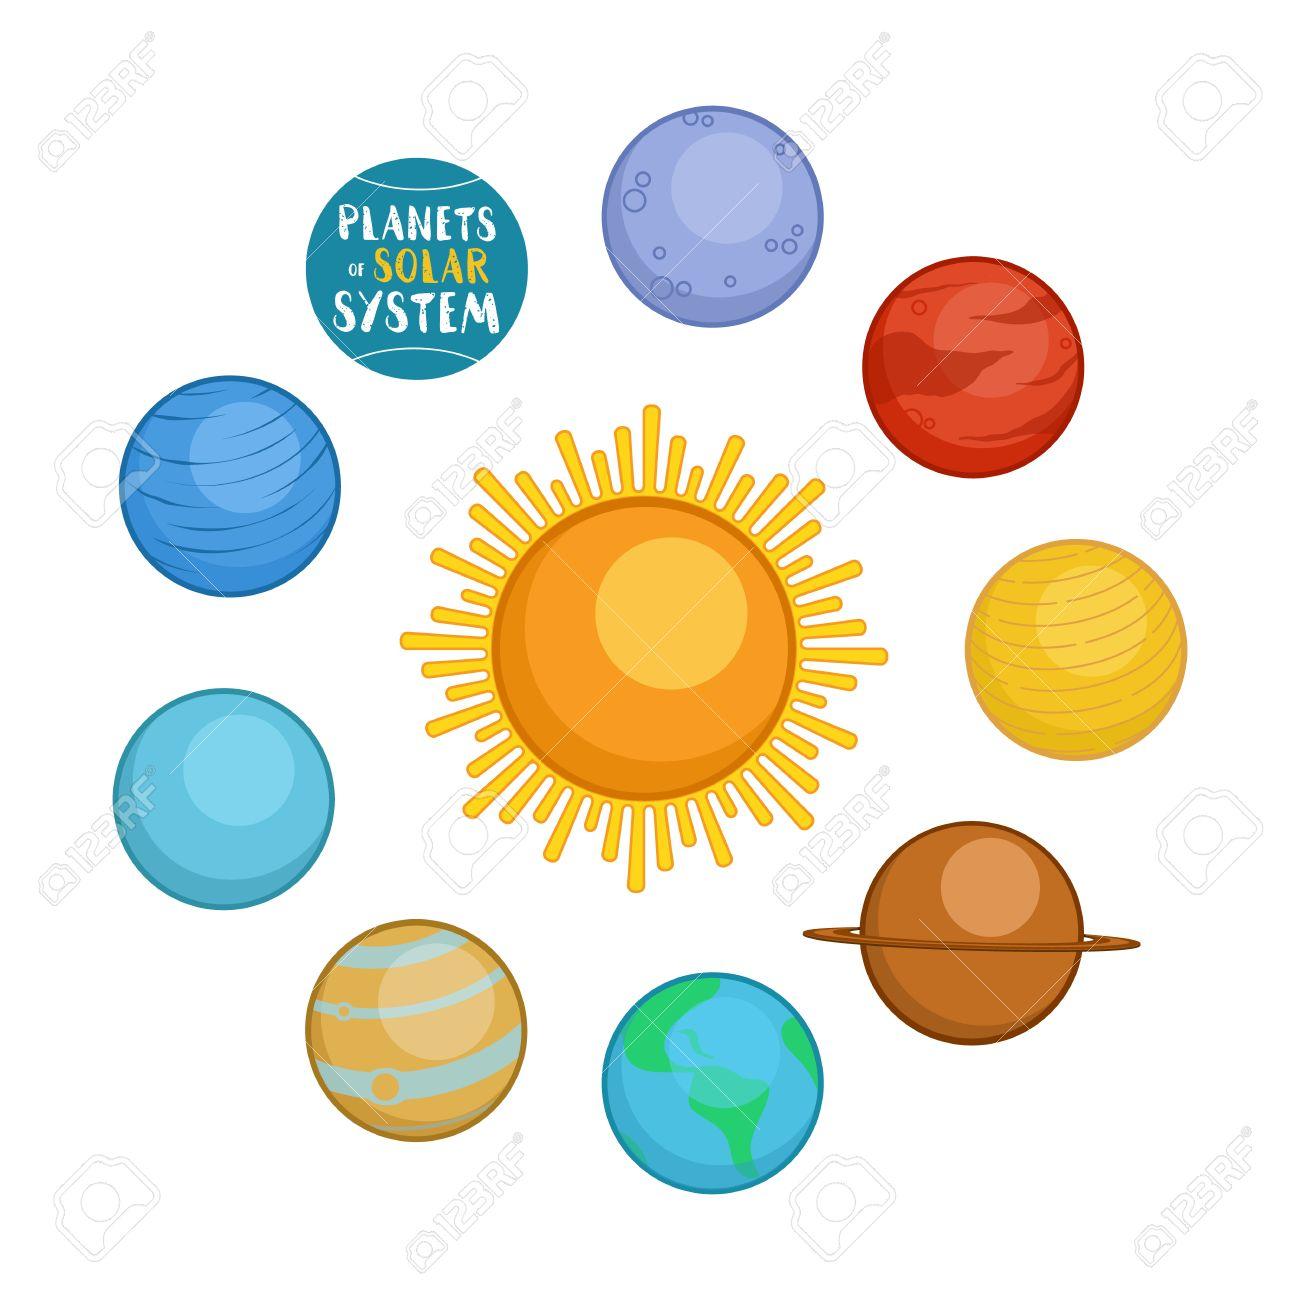 Los Planetas Del Sistema Solar Estilo De Ilustración Vectorial De Dibujos Animados Aislado En El Fondo Blanco Planetas Estilo De Dibujos Animados